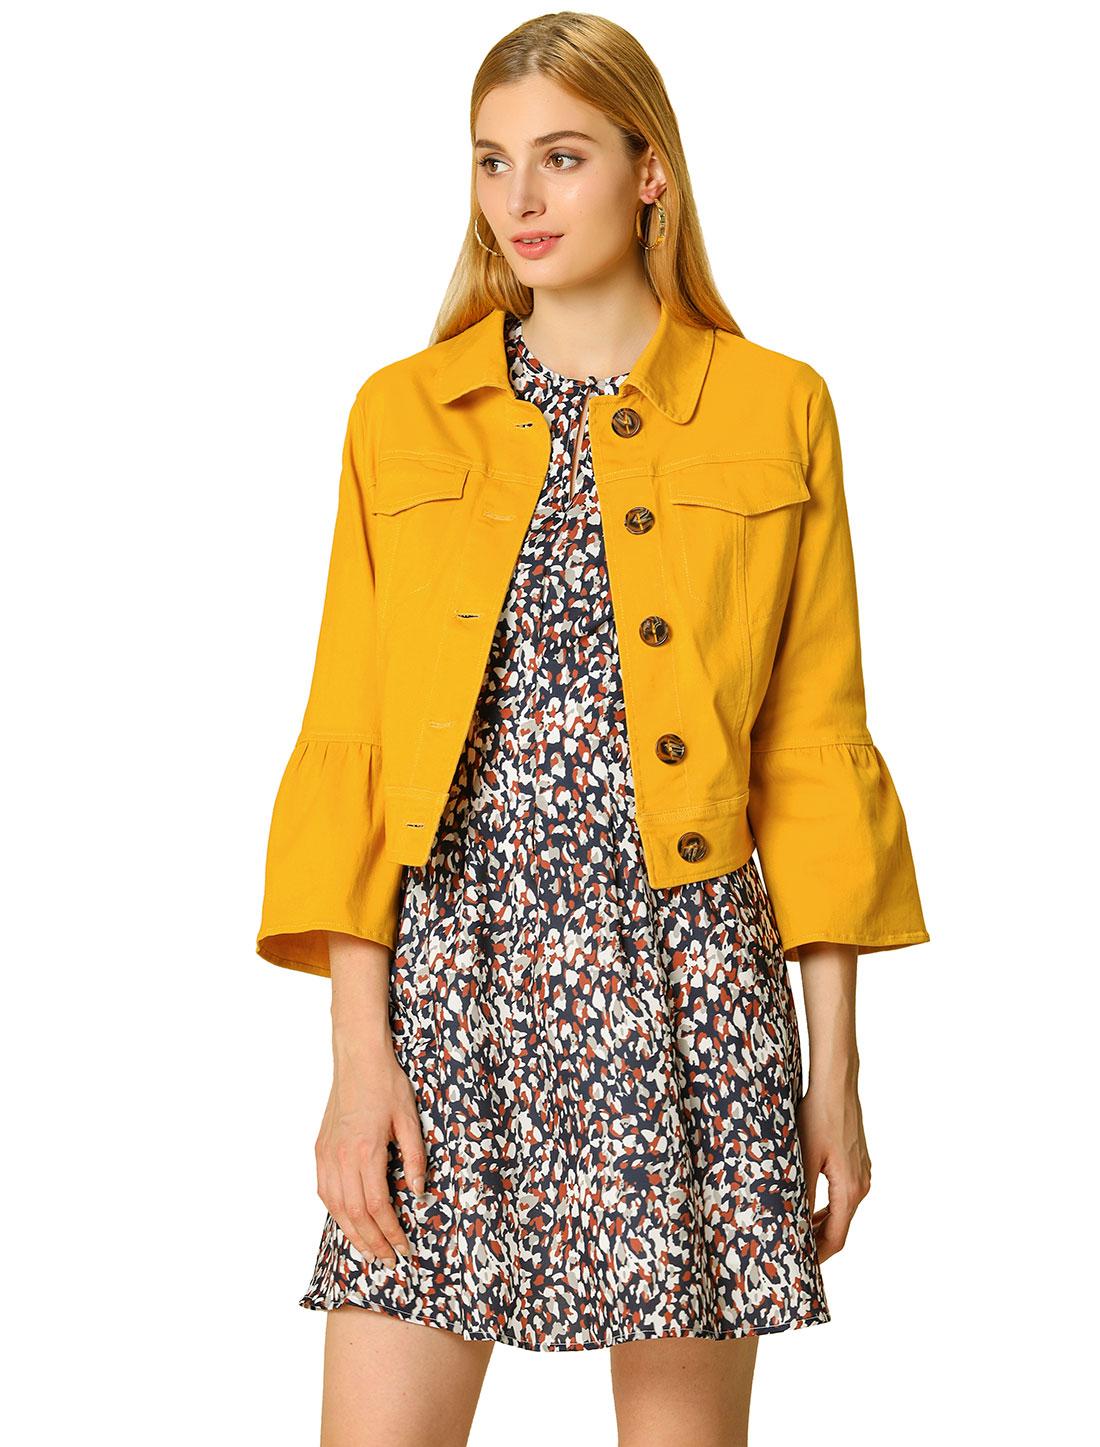 Allegra K Women's Ruffle 3/4 Sleeve Cropped Trucker Jacket Yellow L